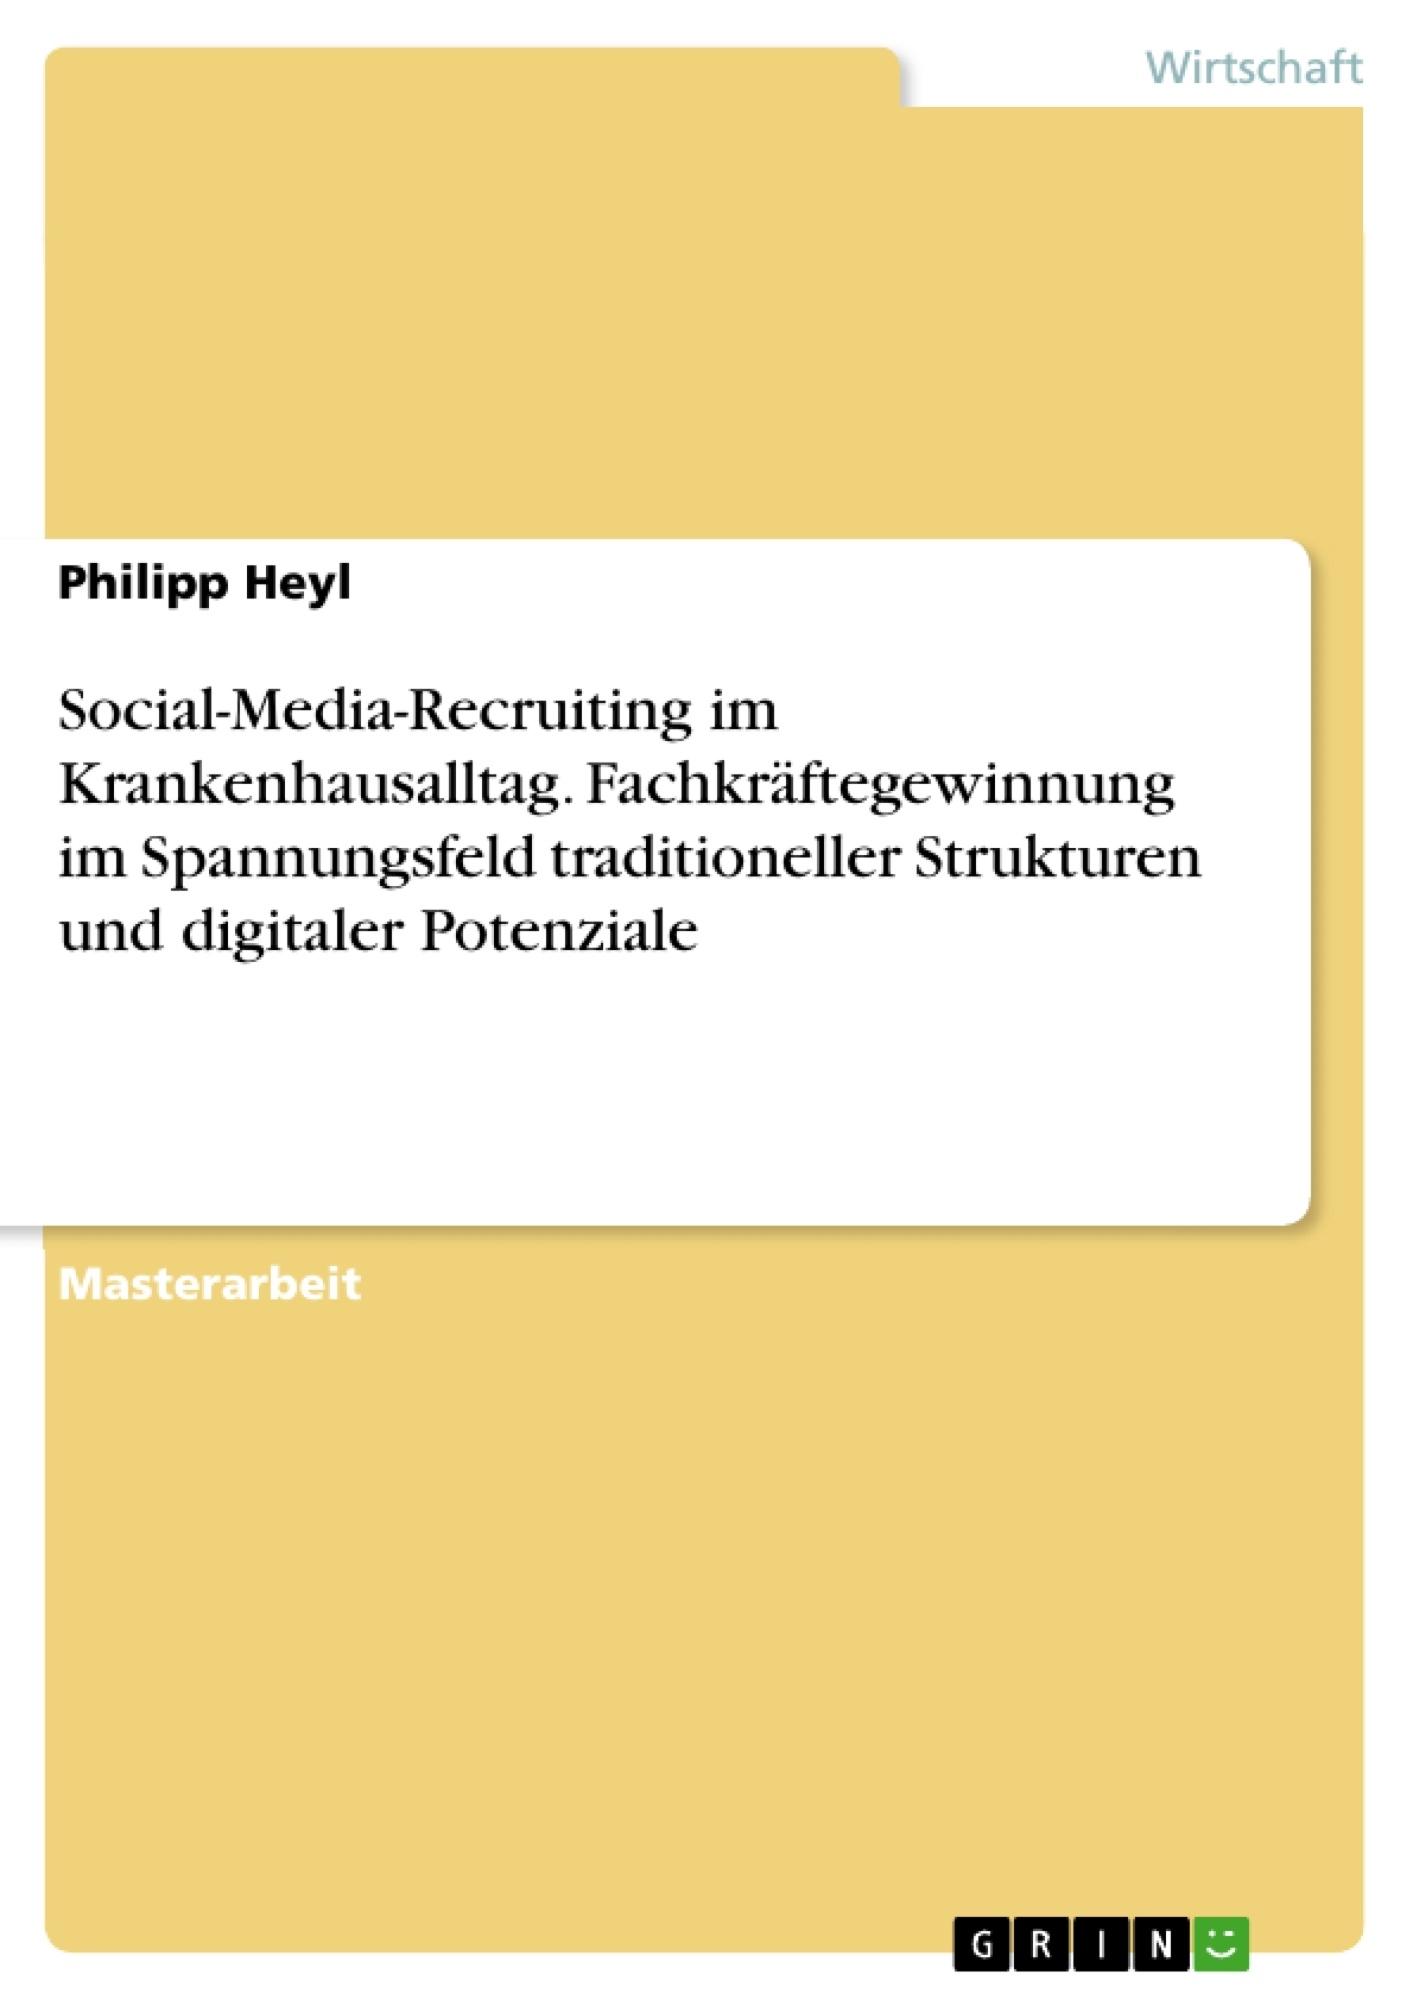 Titel: Social-Media-Recruiting im Krankenhausalltag. Fachkräftegewinnung im Spannungsfeld traditioneller Strukturen und digitaler Potenziale